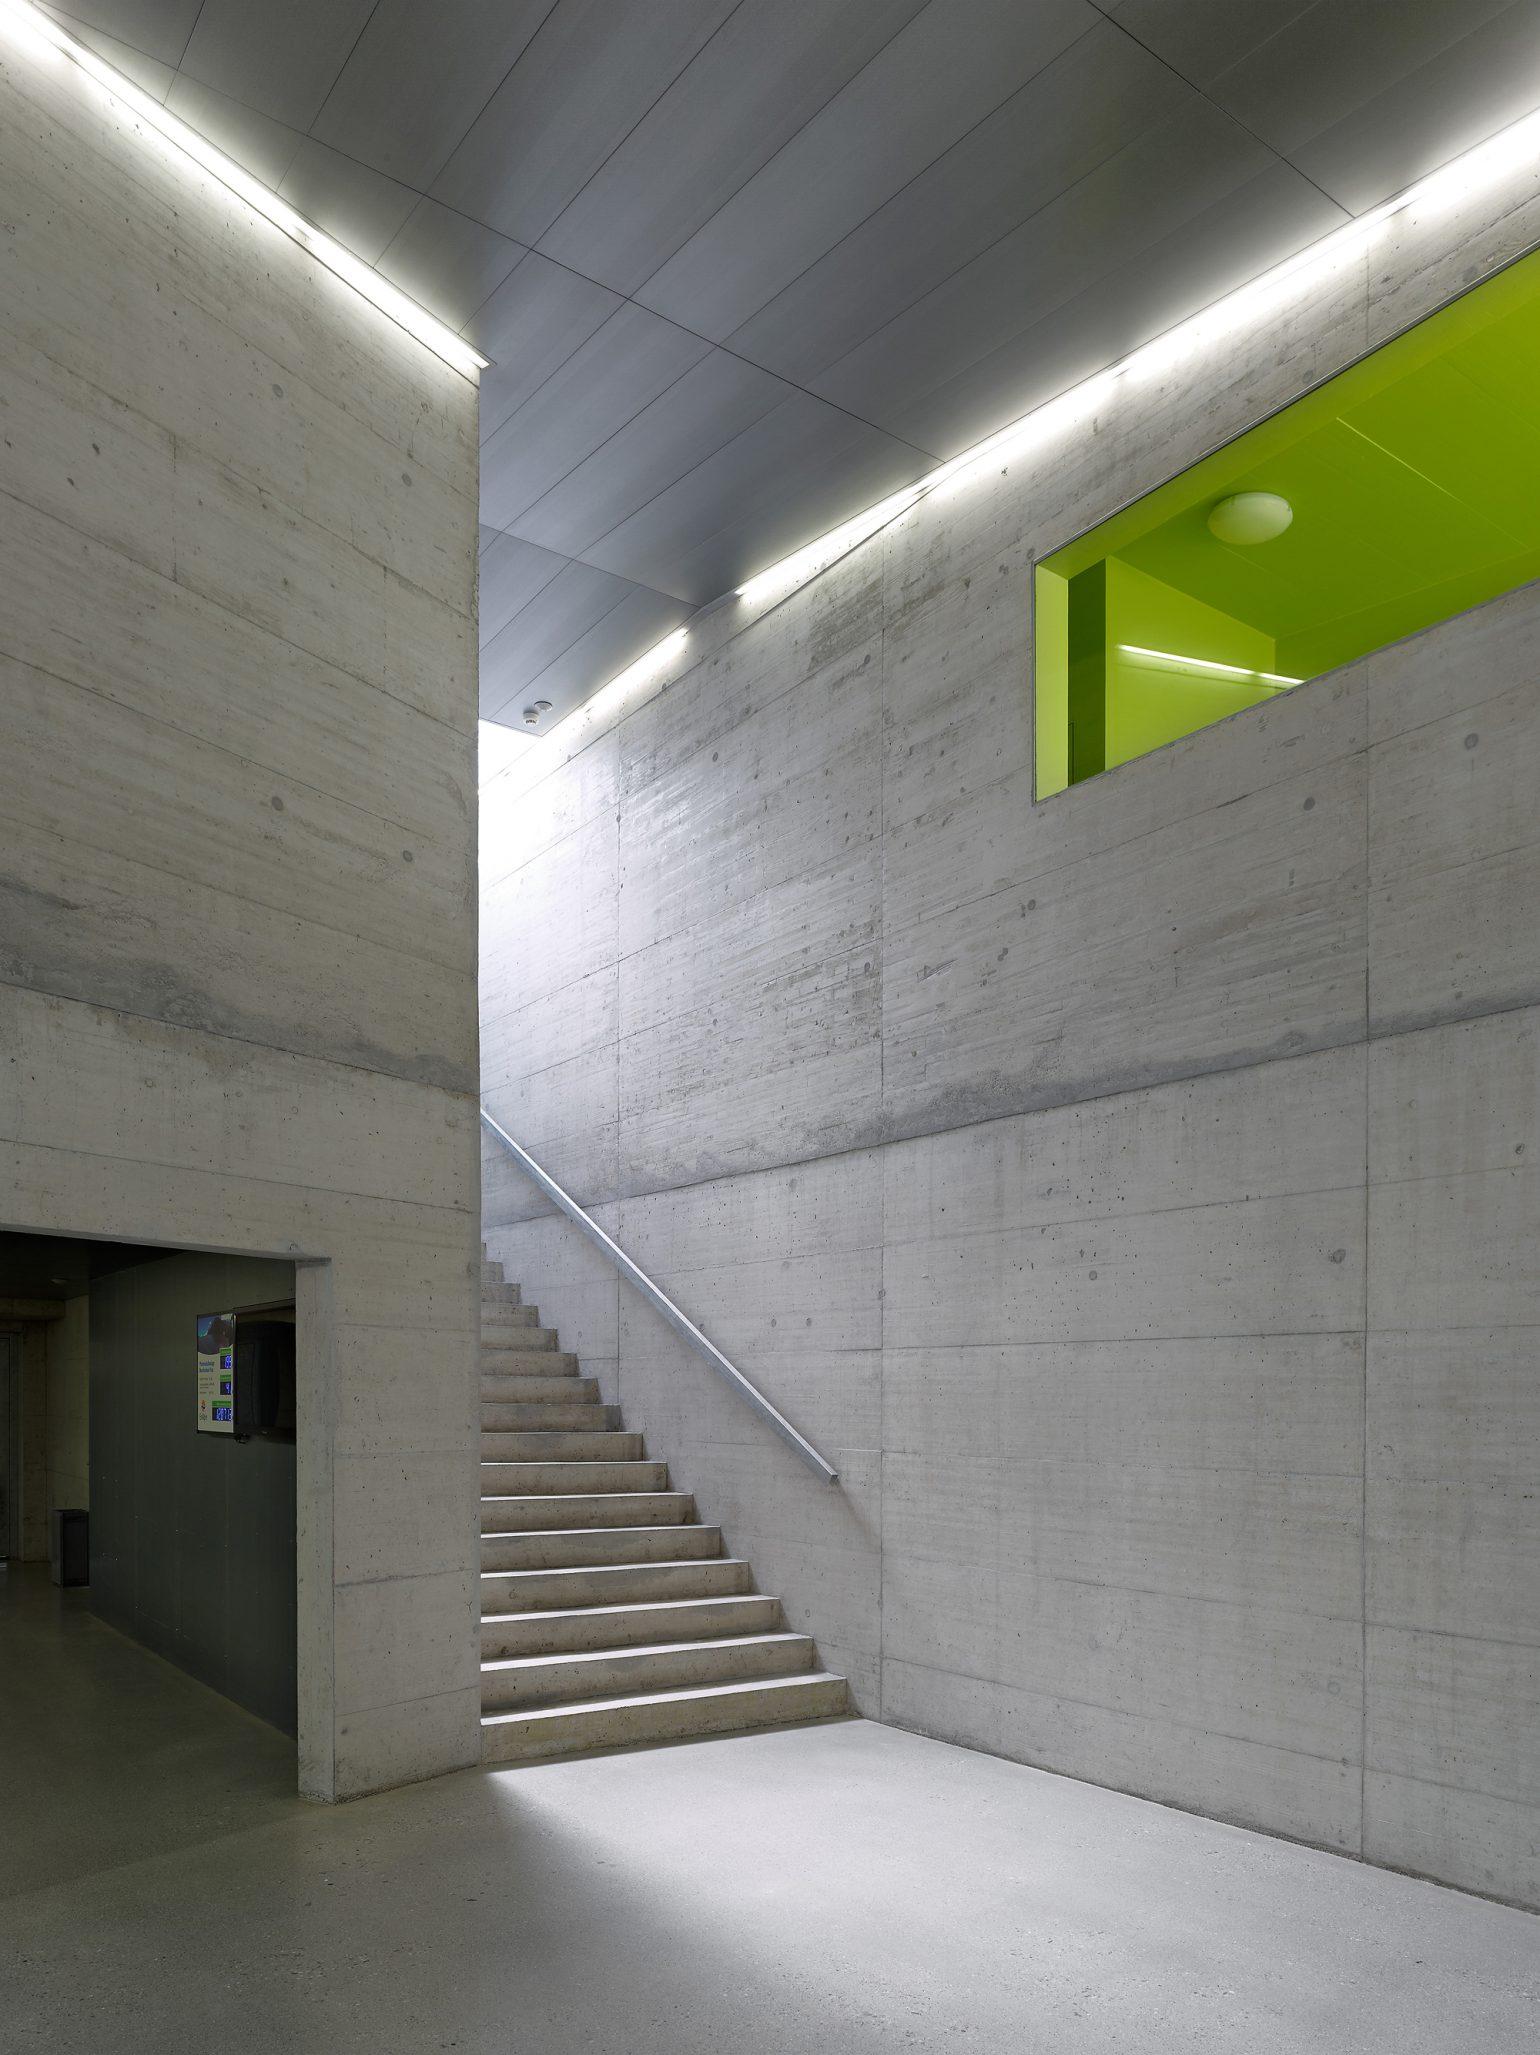 salle_de_sport_triple_viege_meyer_architecture_sion_10